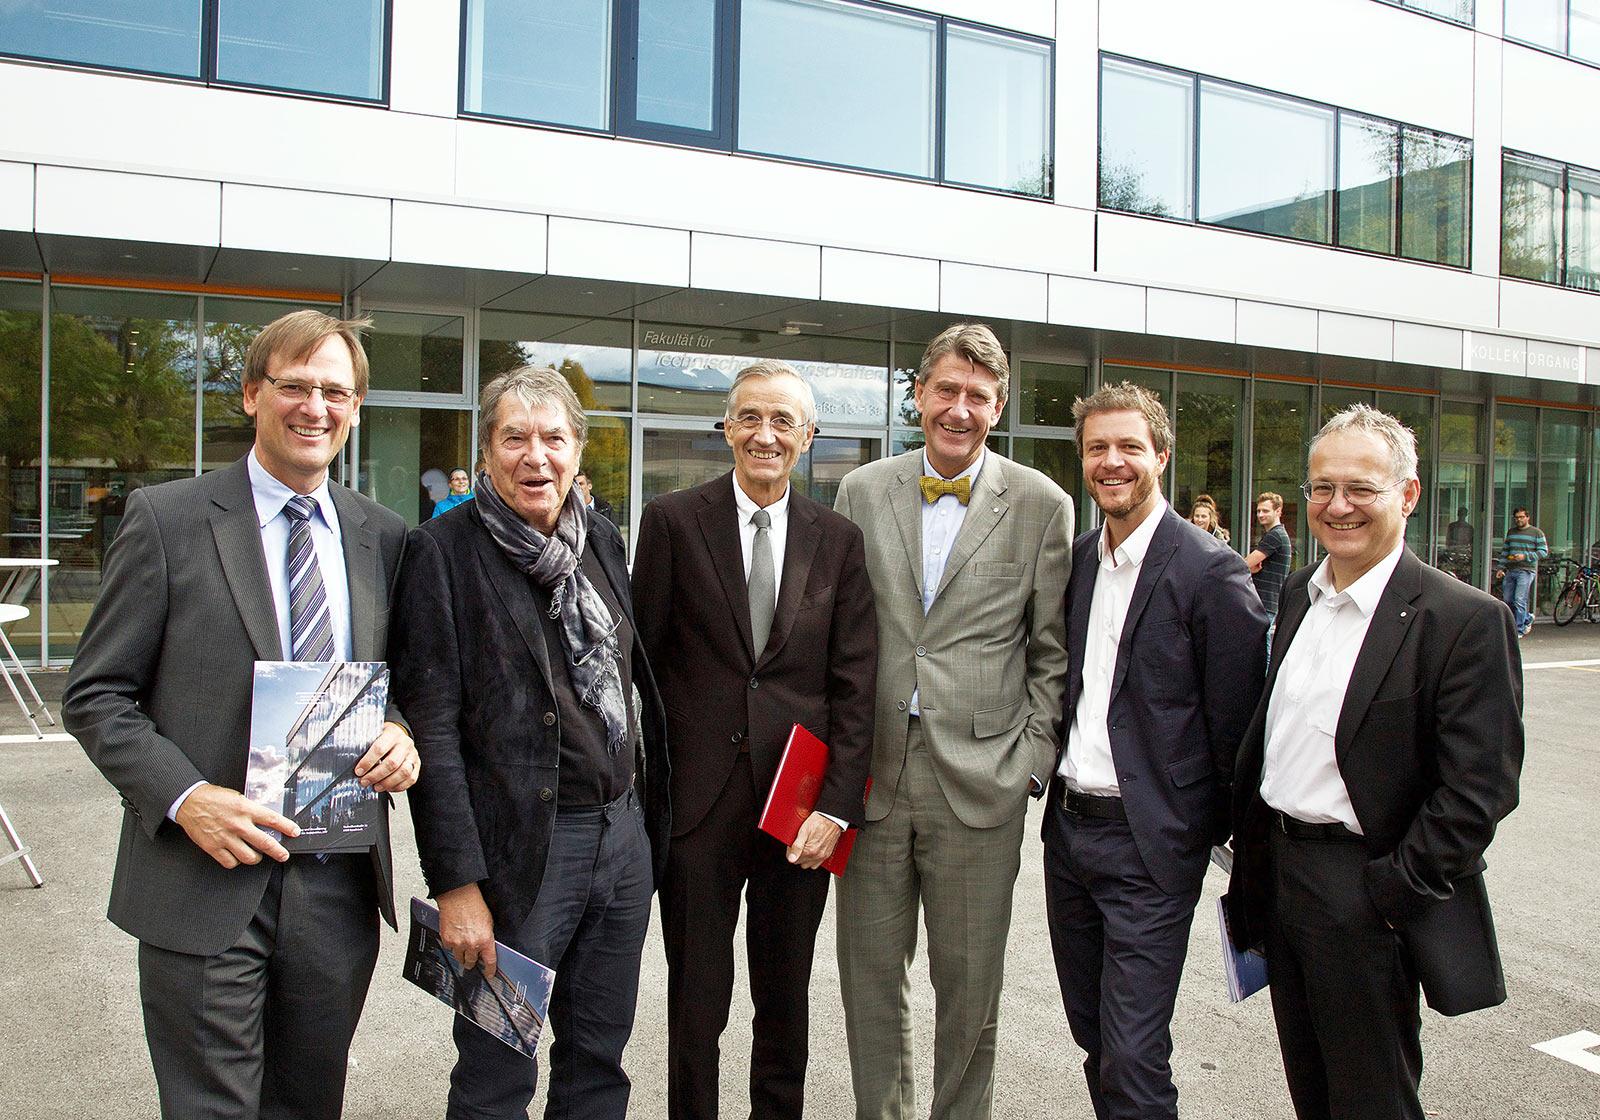 V.l.n.r.: Univ.-Prof. DI Dr. Arnold Tautschnig, Univ.-Prof. Dr. Arnold Klotz, Univ.-Prof. Dr. Dr.hc.mult. Tilmann D. Märk (Rektor Universität Innsbruck), Univ.-Prof. Christoph M. Achammer (CEO ATP), Architekt Paul Ohnmacht (PLP, ATP), Architekt Hans Kotek